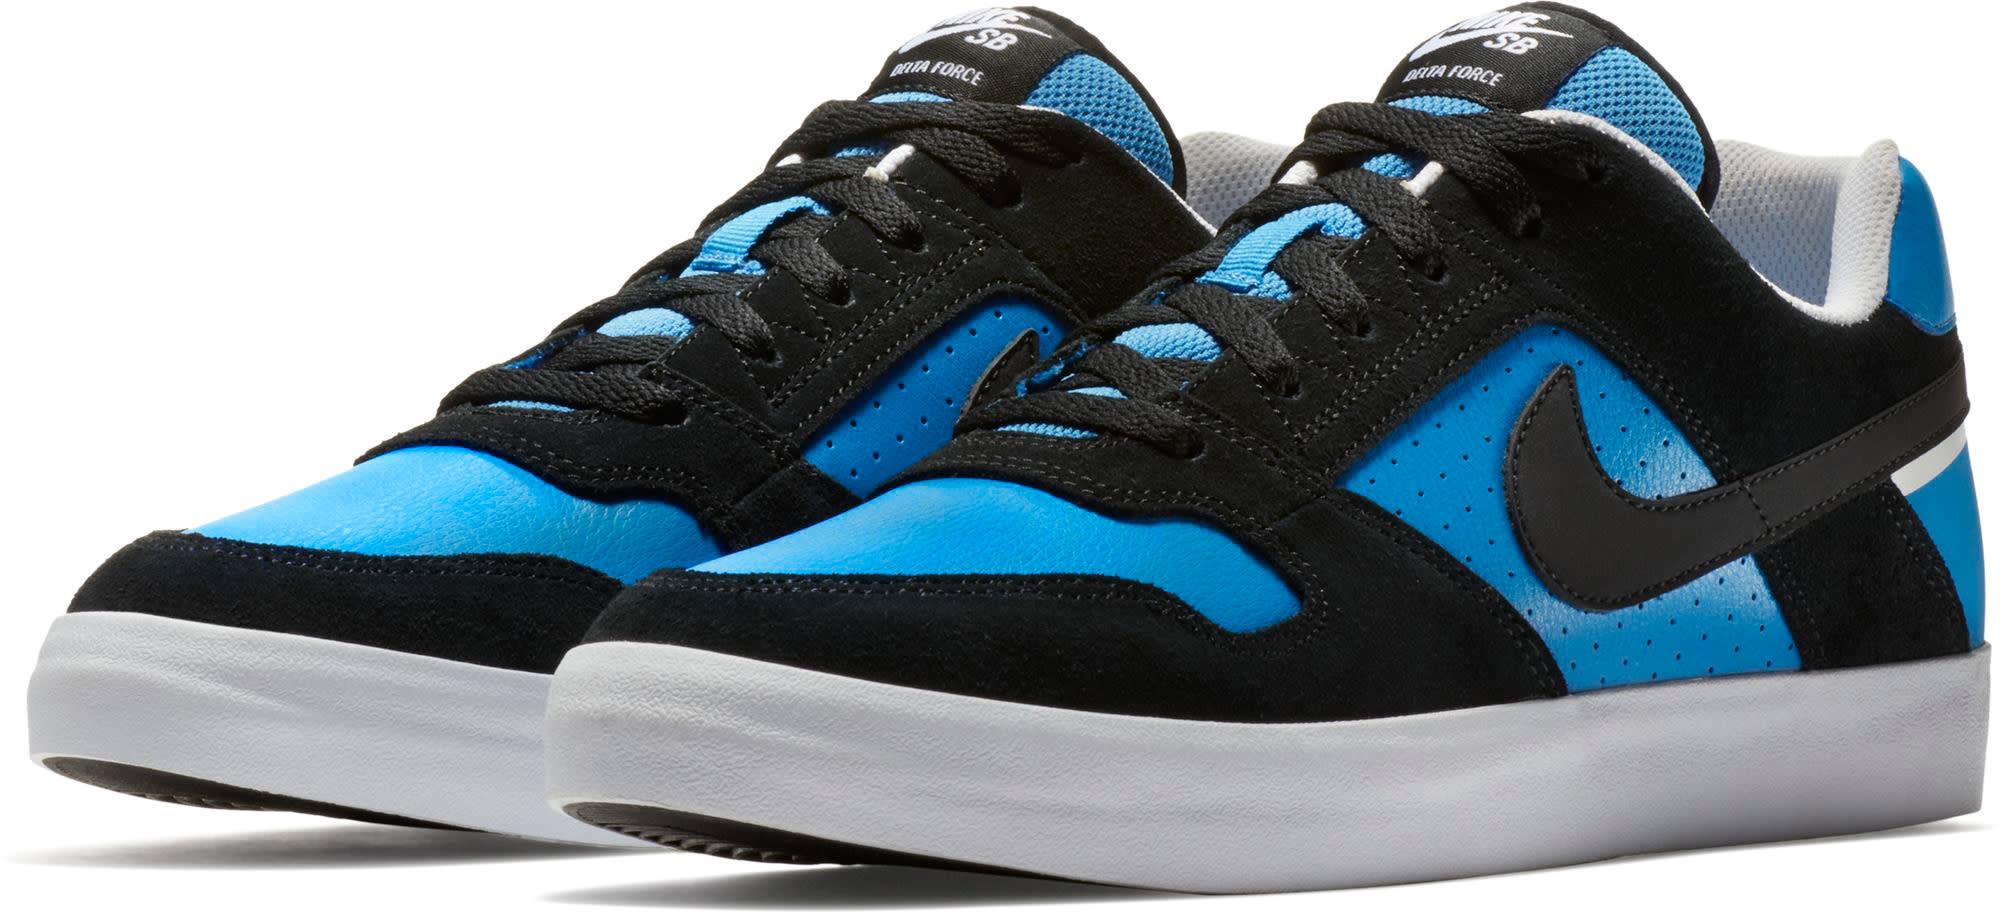 3d9307a3f003 Nike SB Delta Force Vulc Skate Shoes - thumbnail 3